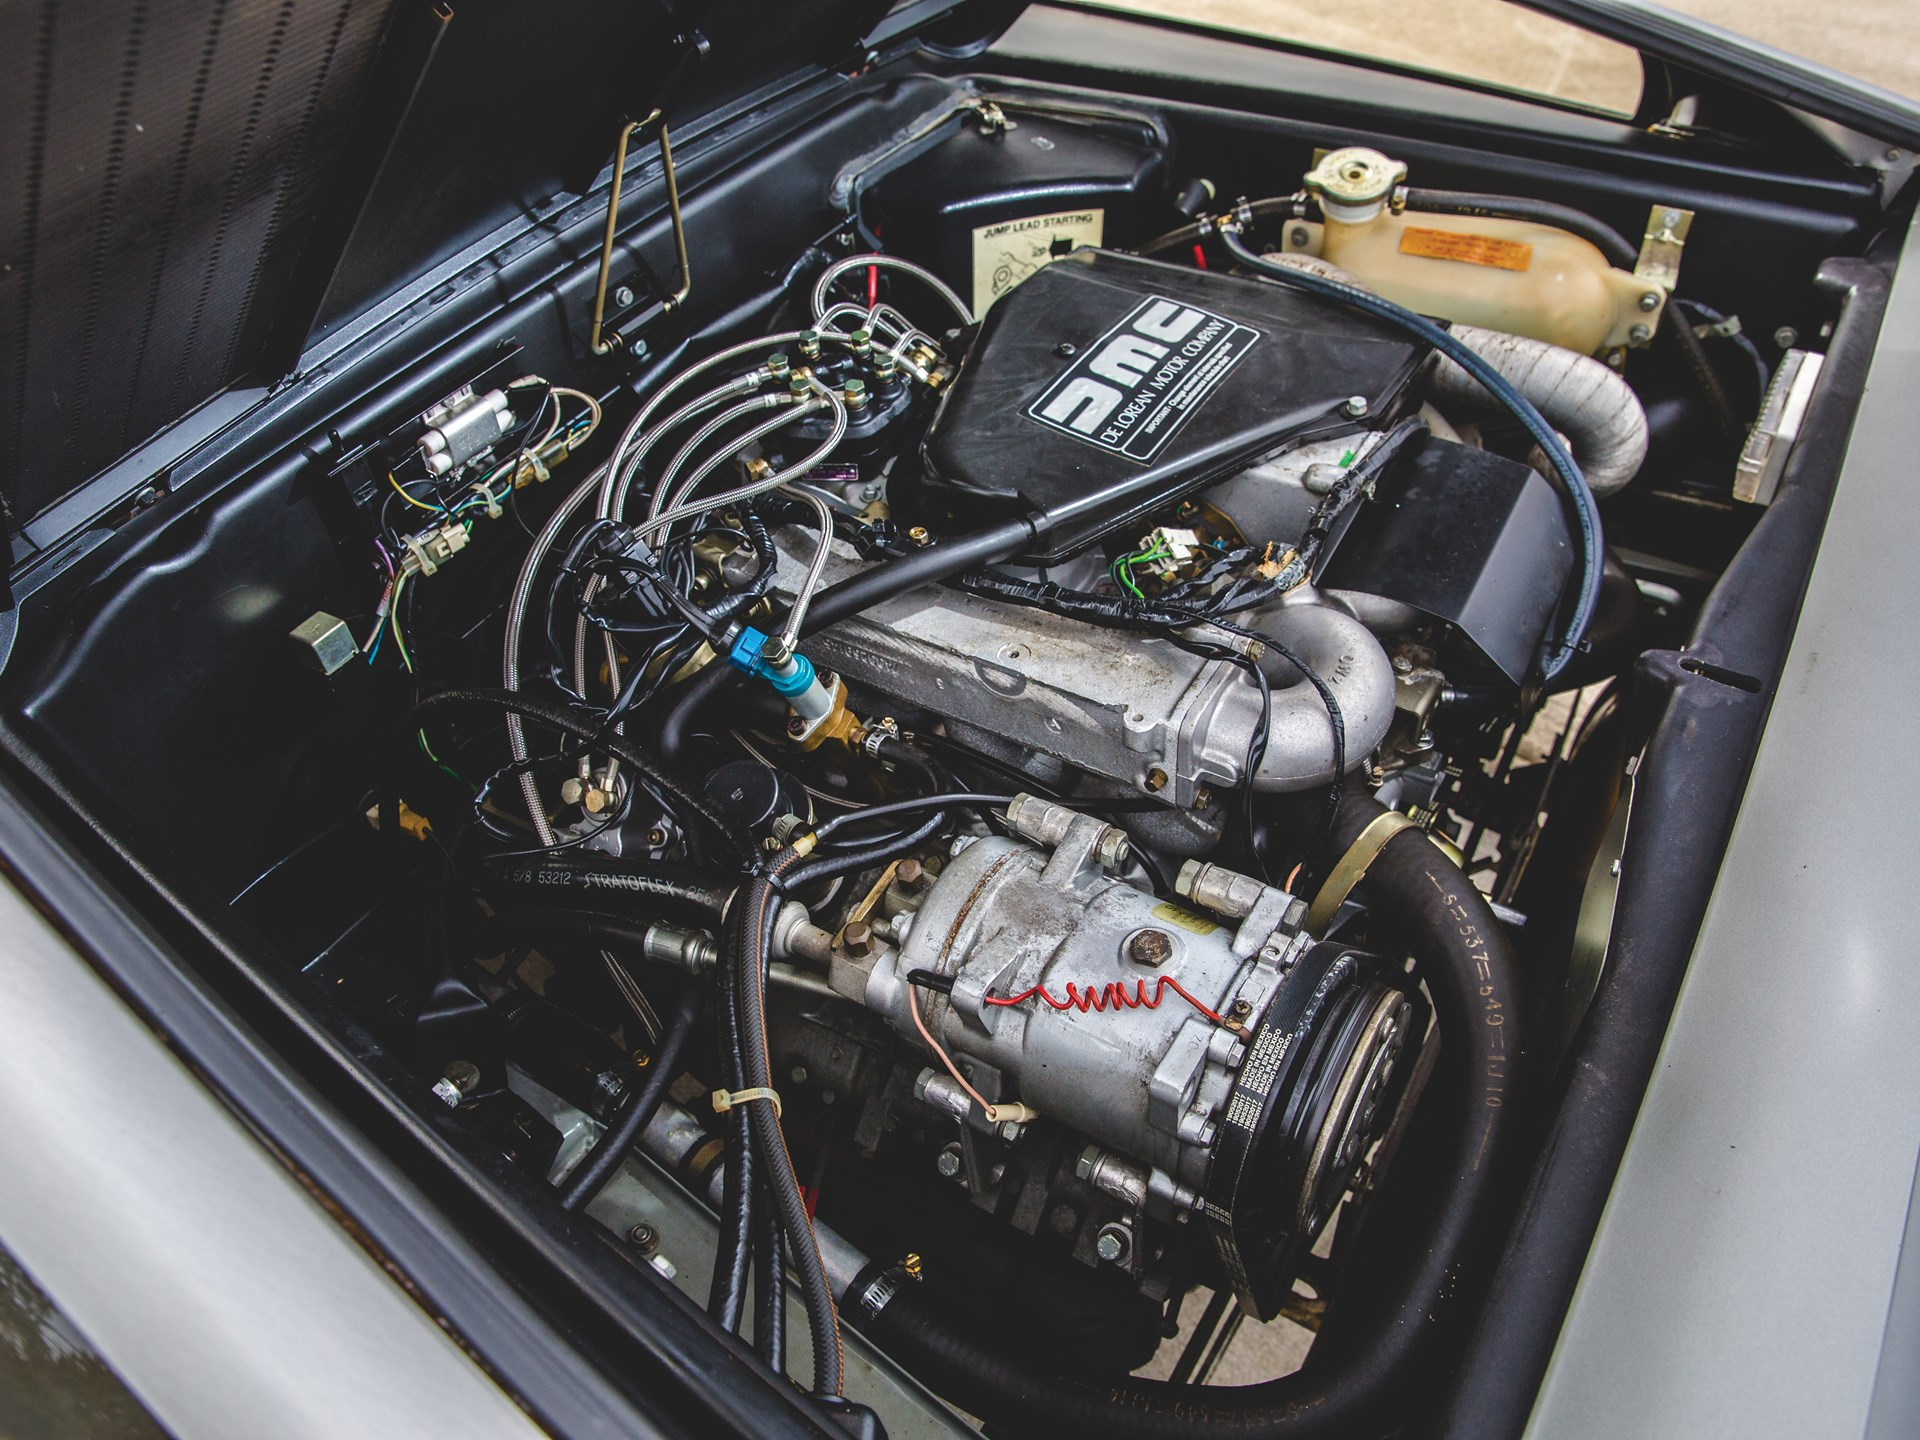 1981 DeLorean DMC-12 engine driver side